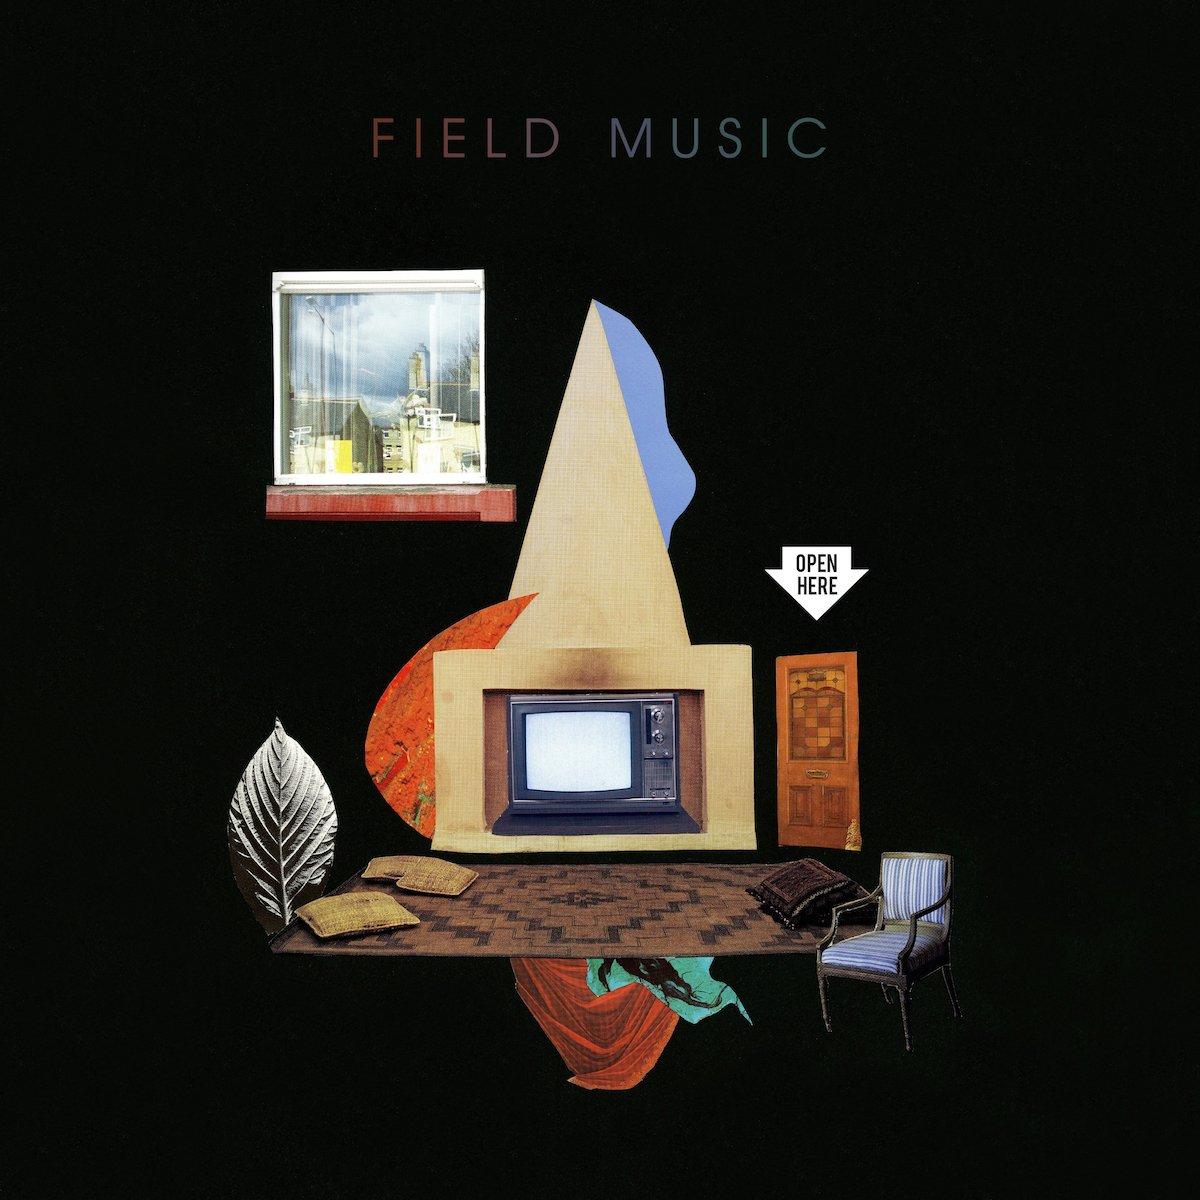 Field Music Open Here